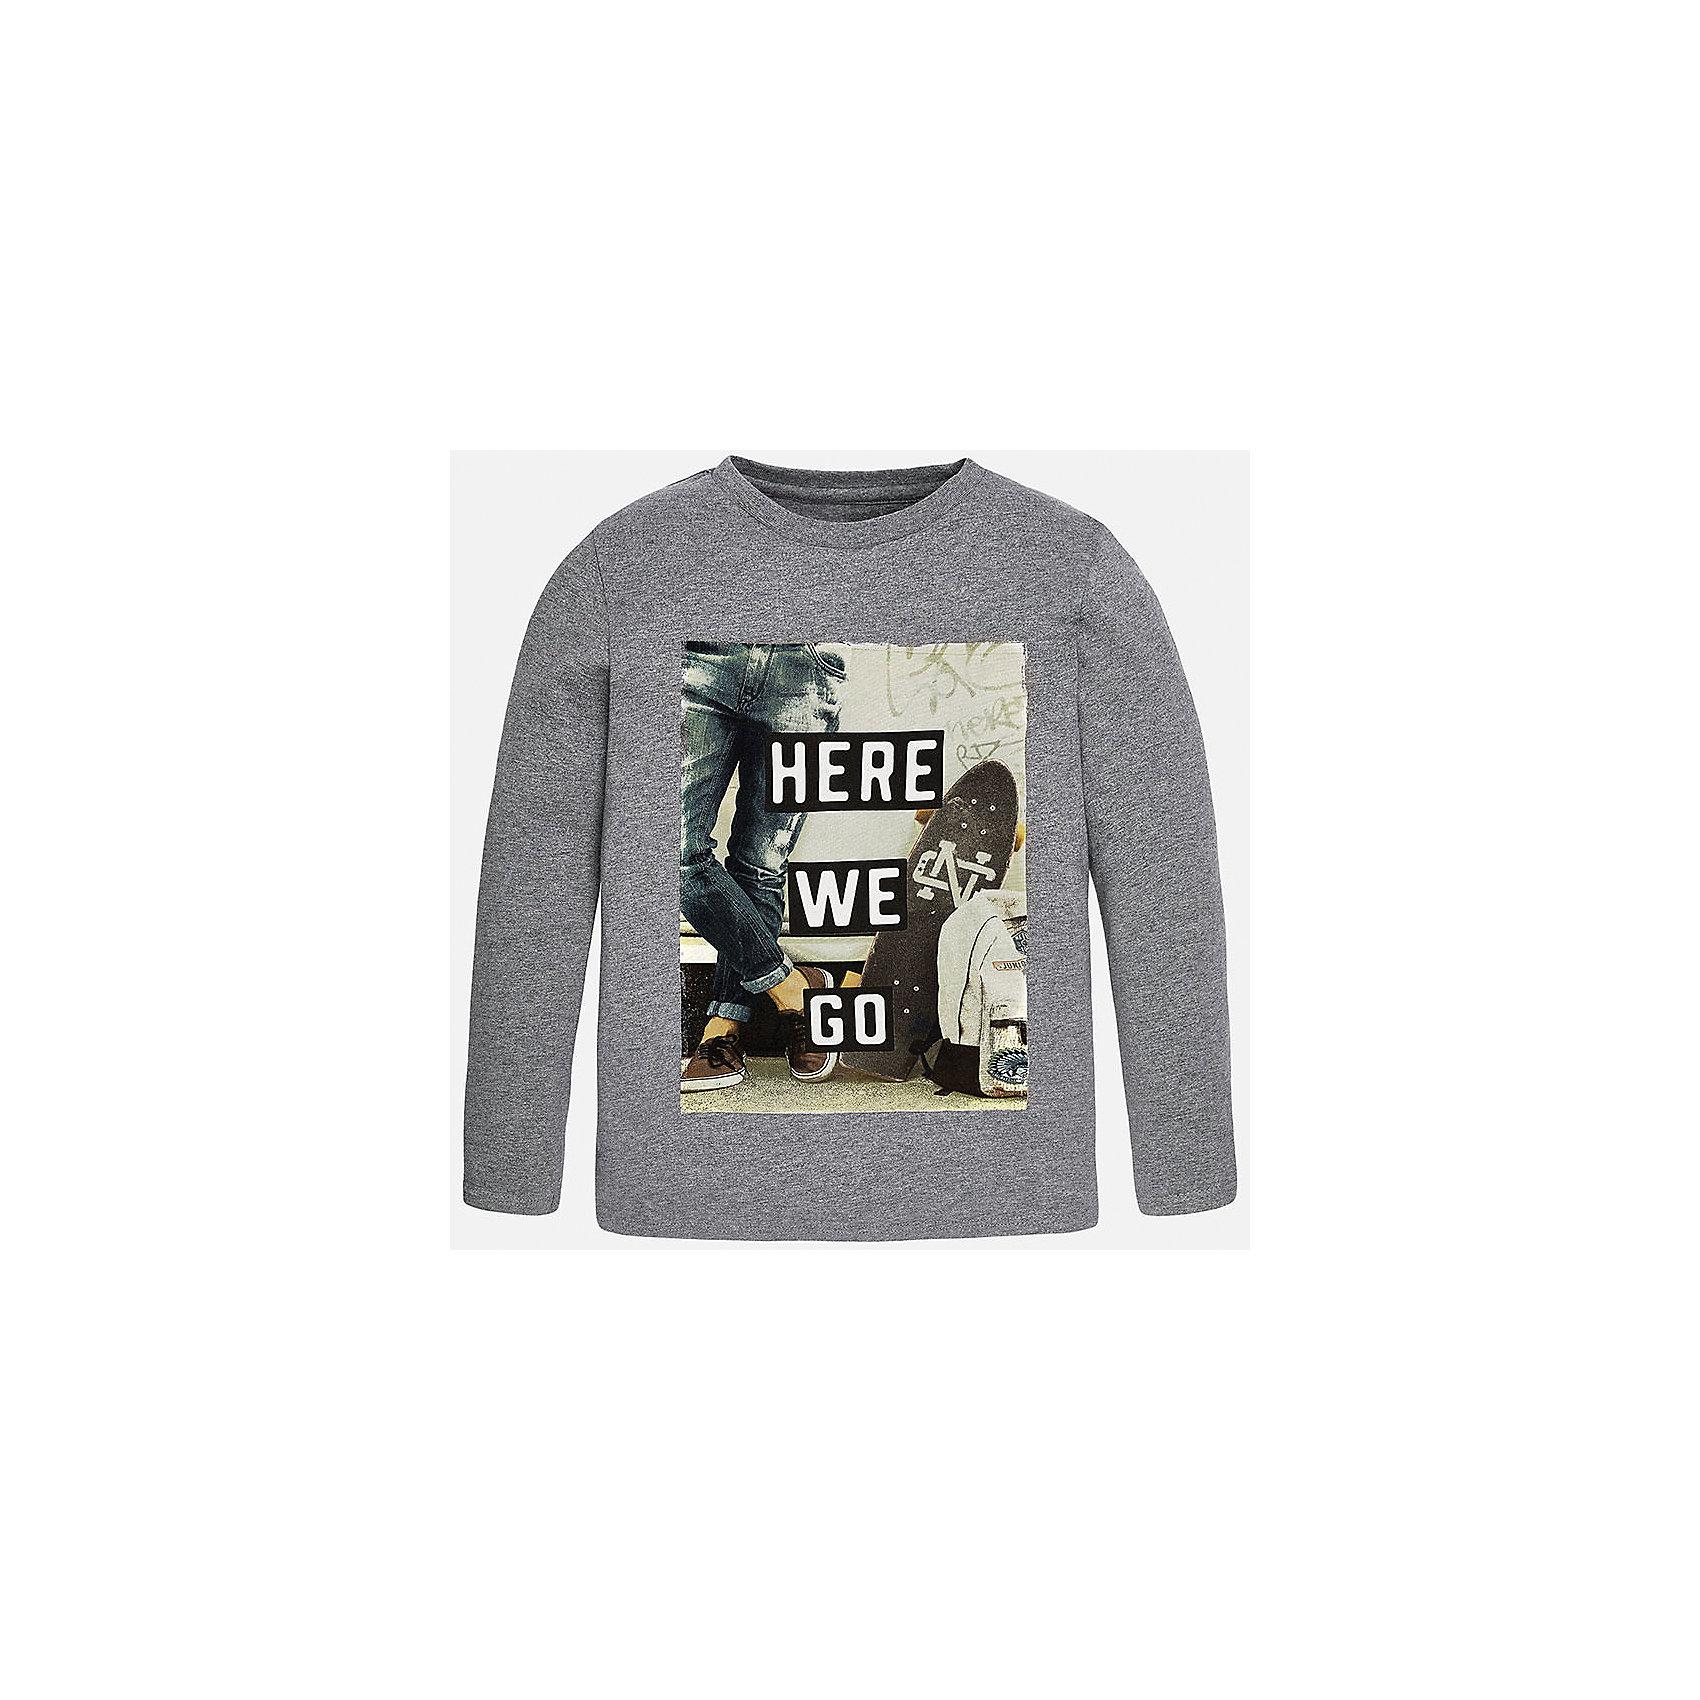 Футболка с длинным рукавом  для мальчика MayoralХлопковая футболка с длинными рукавами - это  базовая вещь в любом гардеробе. Благодаря длинным рукавам и легкому составу ткани, ее можно носить в любое время года, а яркий орнамент, подчеркнет индивидуальный стиль Вашего ребенка!<br><br>Дополнительная информация:<br><br>- Крой: прямой крой.<br>- Страна бренда: Испания.<br>- Состав: хлопок 100%.<br>- Цвет: черный.<br>- Уход: бережная стирка при 30 градусах.<br><br>Купить футболку с длинным рукавом для мальчика, от  Mayoral, можно в нашем магазине.<br><br>Ширина мм: 230<br>Глубина мм: 40<br>Высота мм: 220<br>Вес г: 250<br>Цвет: серый<br>Возраст от месяцев: 144<br>Возраст до месяцев: 156<br>Пол: Мужской<br>Возраст: Детский<br>Размер: 152/158,140/146,128/134,146/152,158/164,164/170<br>SKU: 4826736